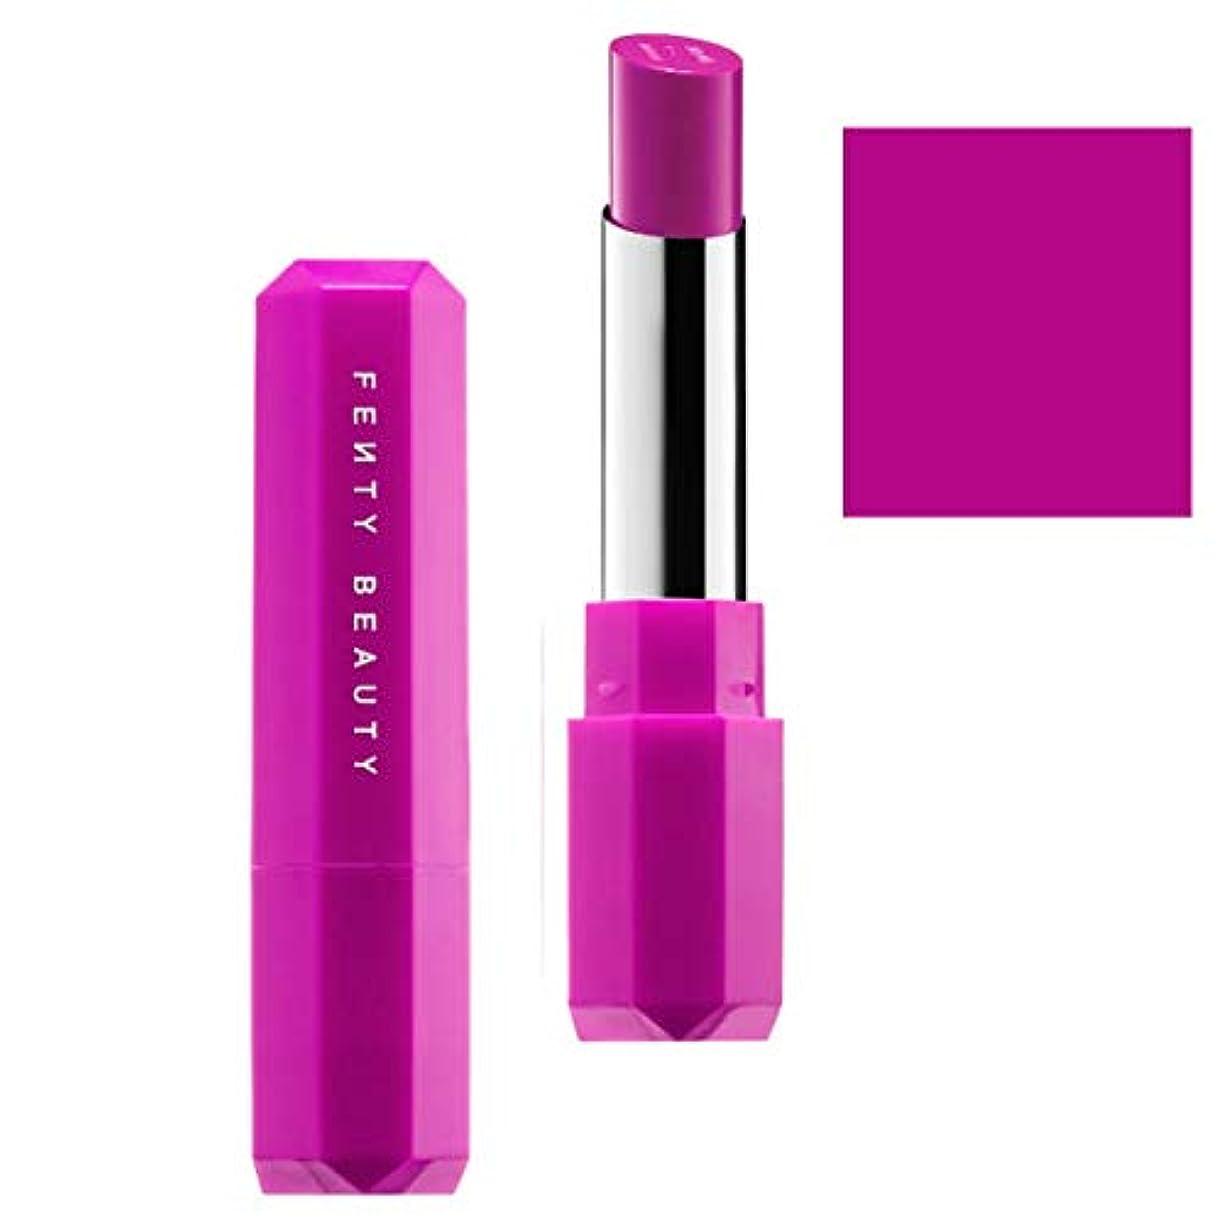 顎剛性試してみるFENTY BEAUTY BY RIHANNA,New!!, 限定版 limited-edition, Poutsicle Juicy Satin Lipstick - Purpcicle [海外直送品] [並行輸入品]